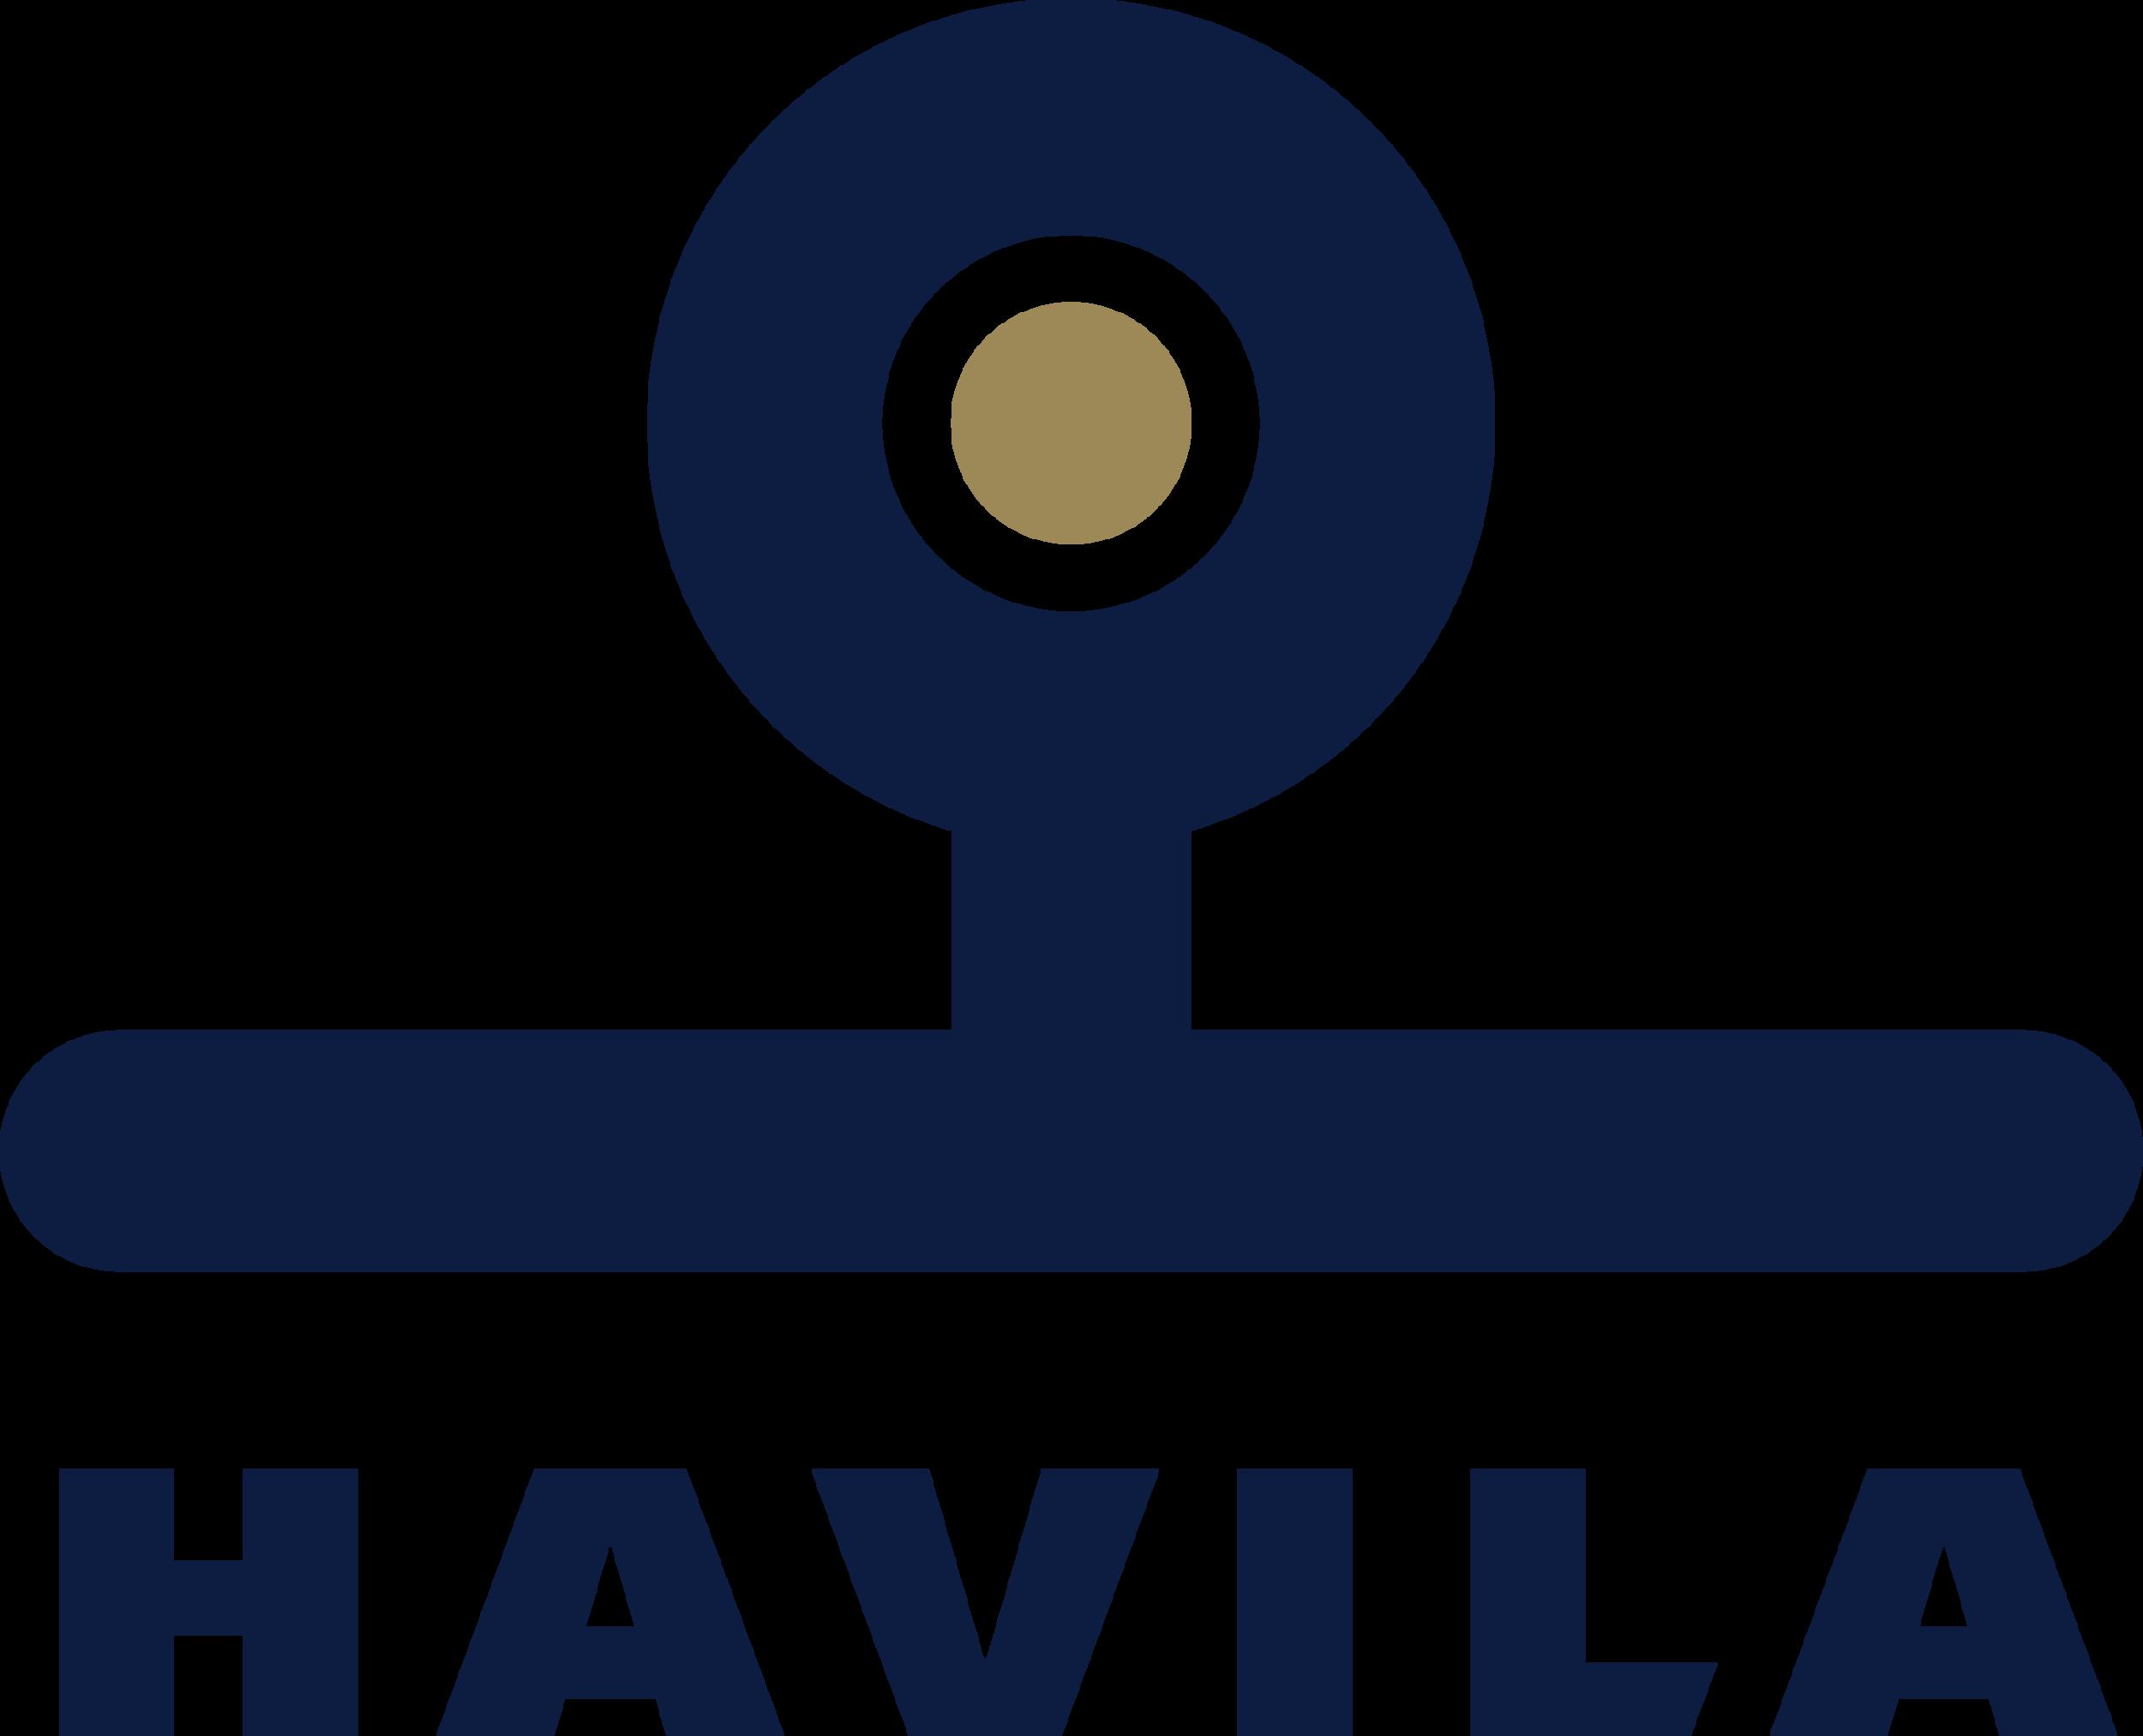 Havila_farge.png